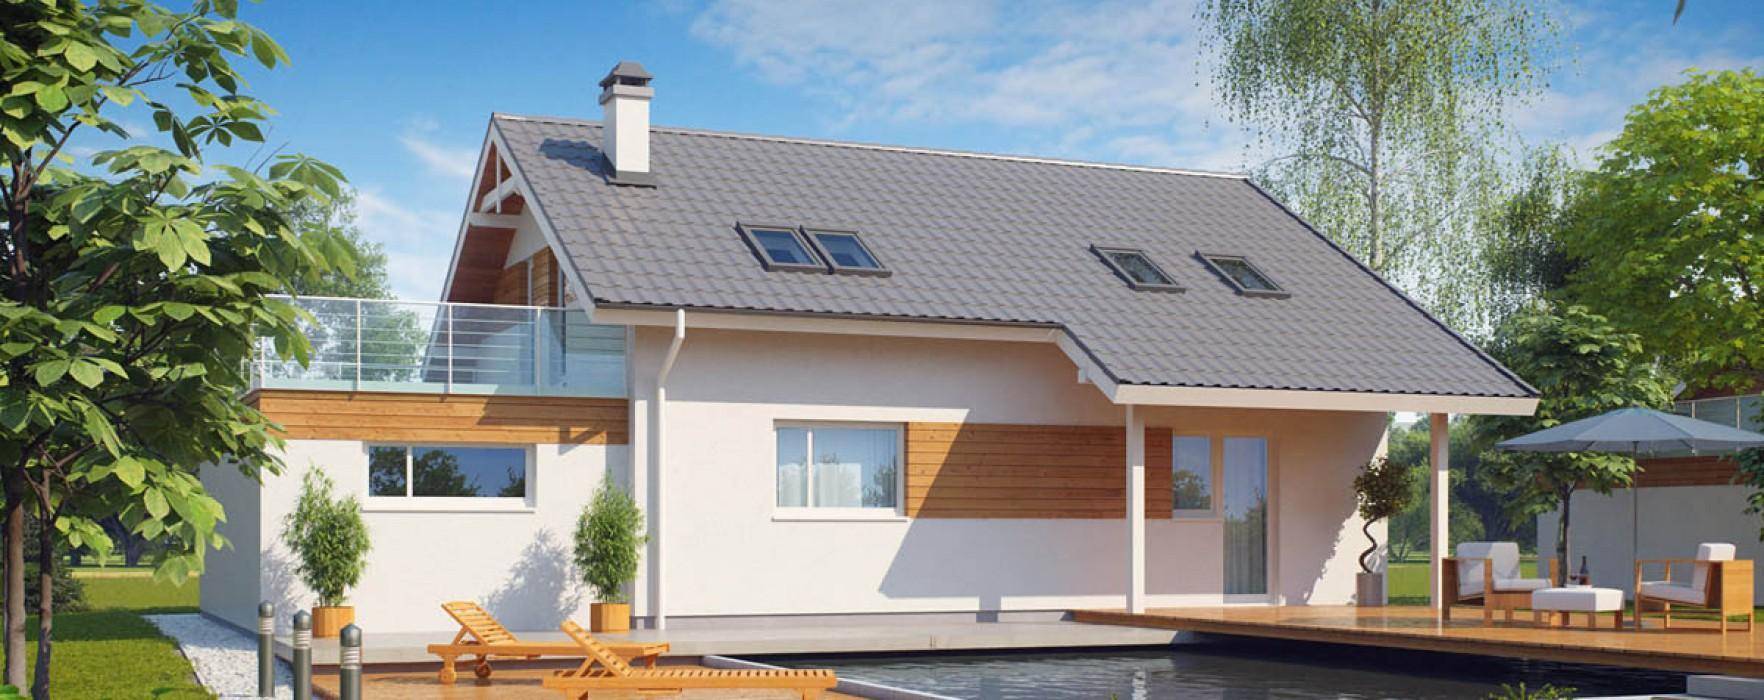 Casa prefabbricata in legno offerta  Tornatore Case In legno